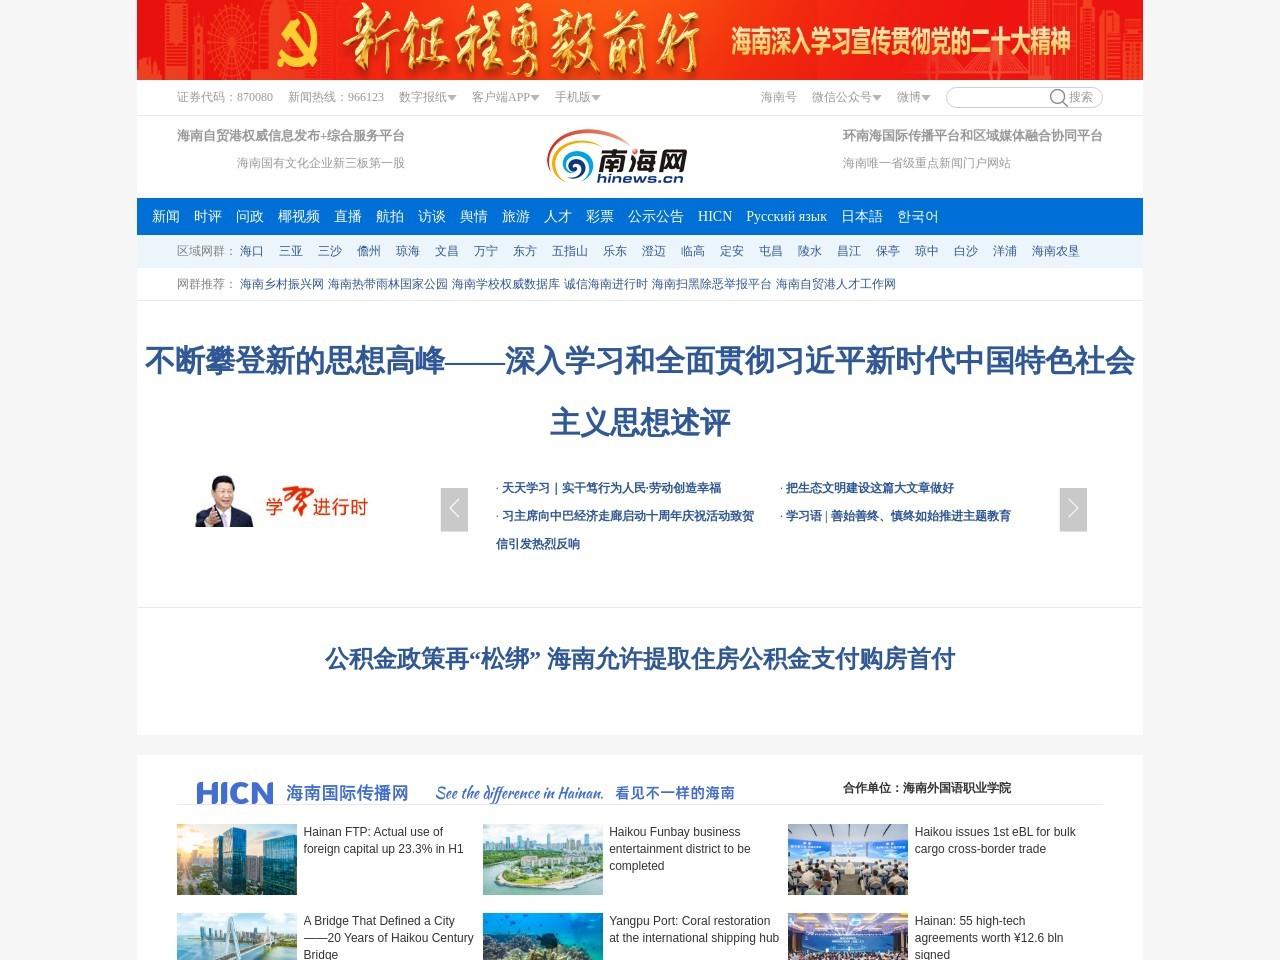 南海网的网站截图